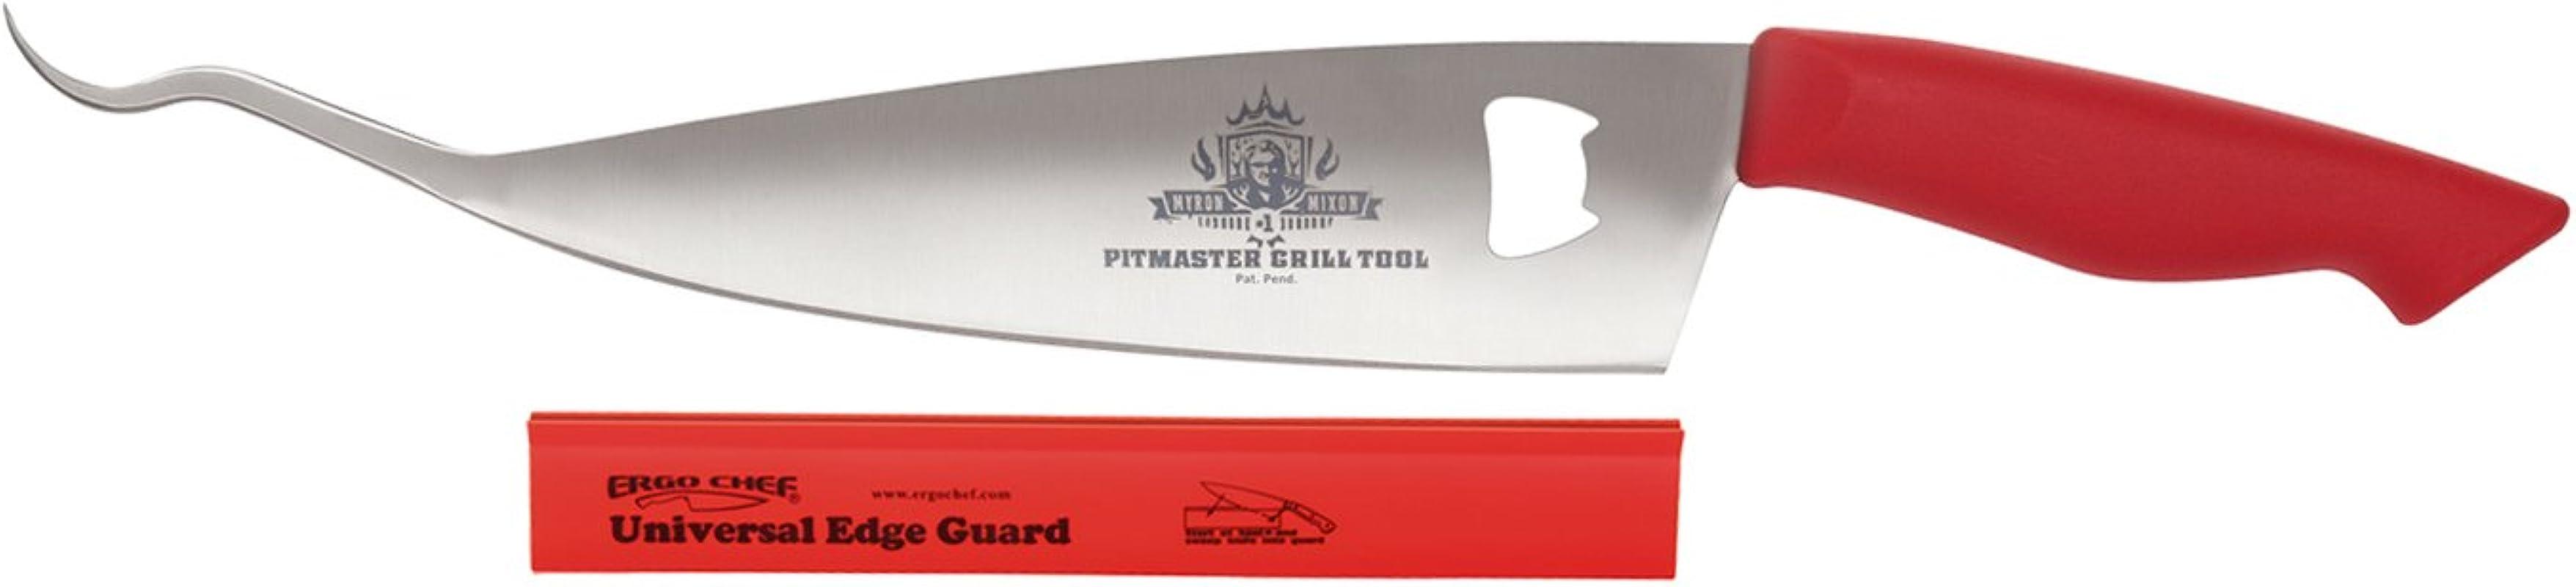 Myron Mixon Pitmaster BBQ Kit 2 PC Myron Mixon Pitmaster 3 In 1 Grill Tool